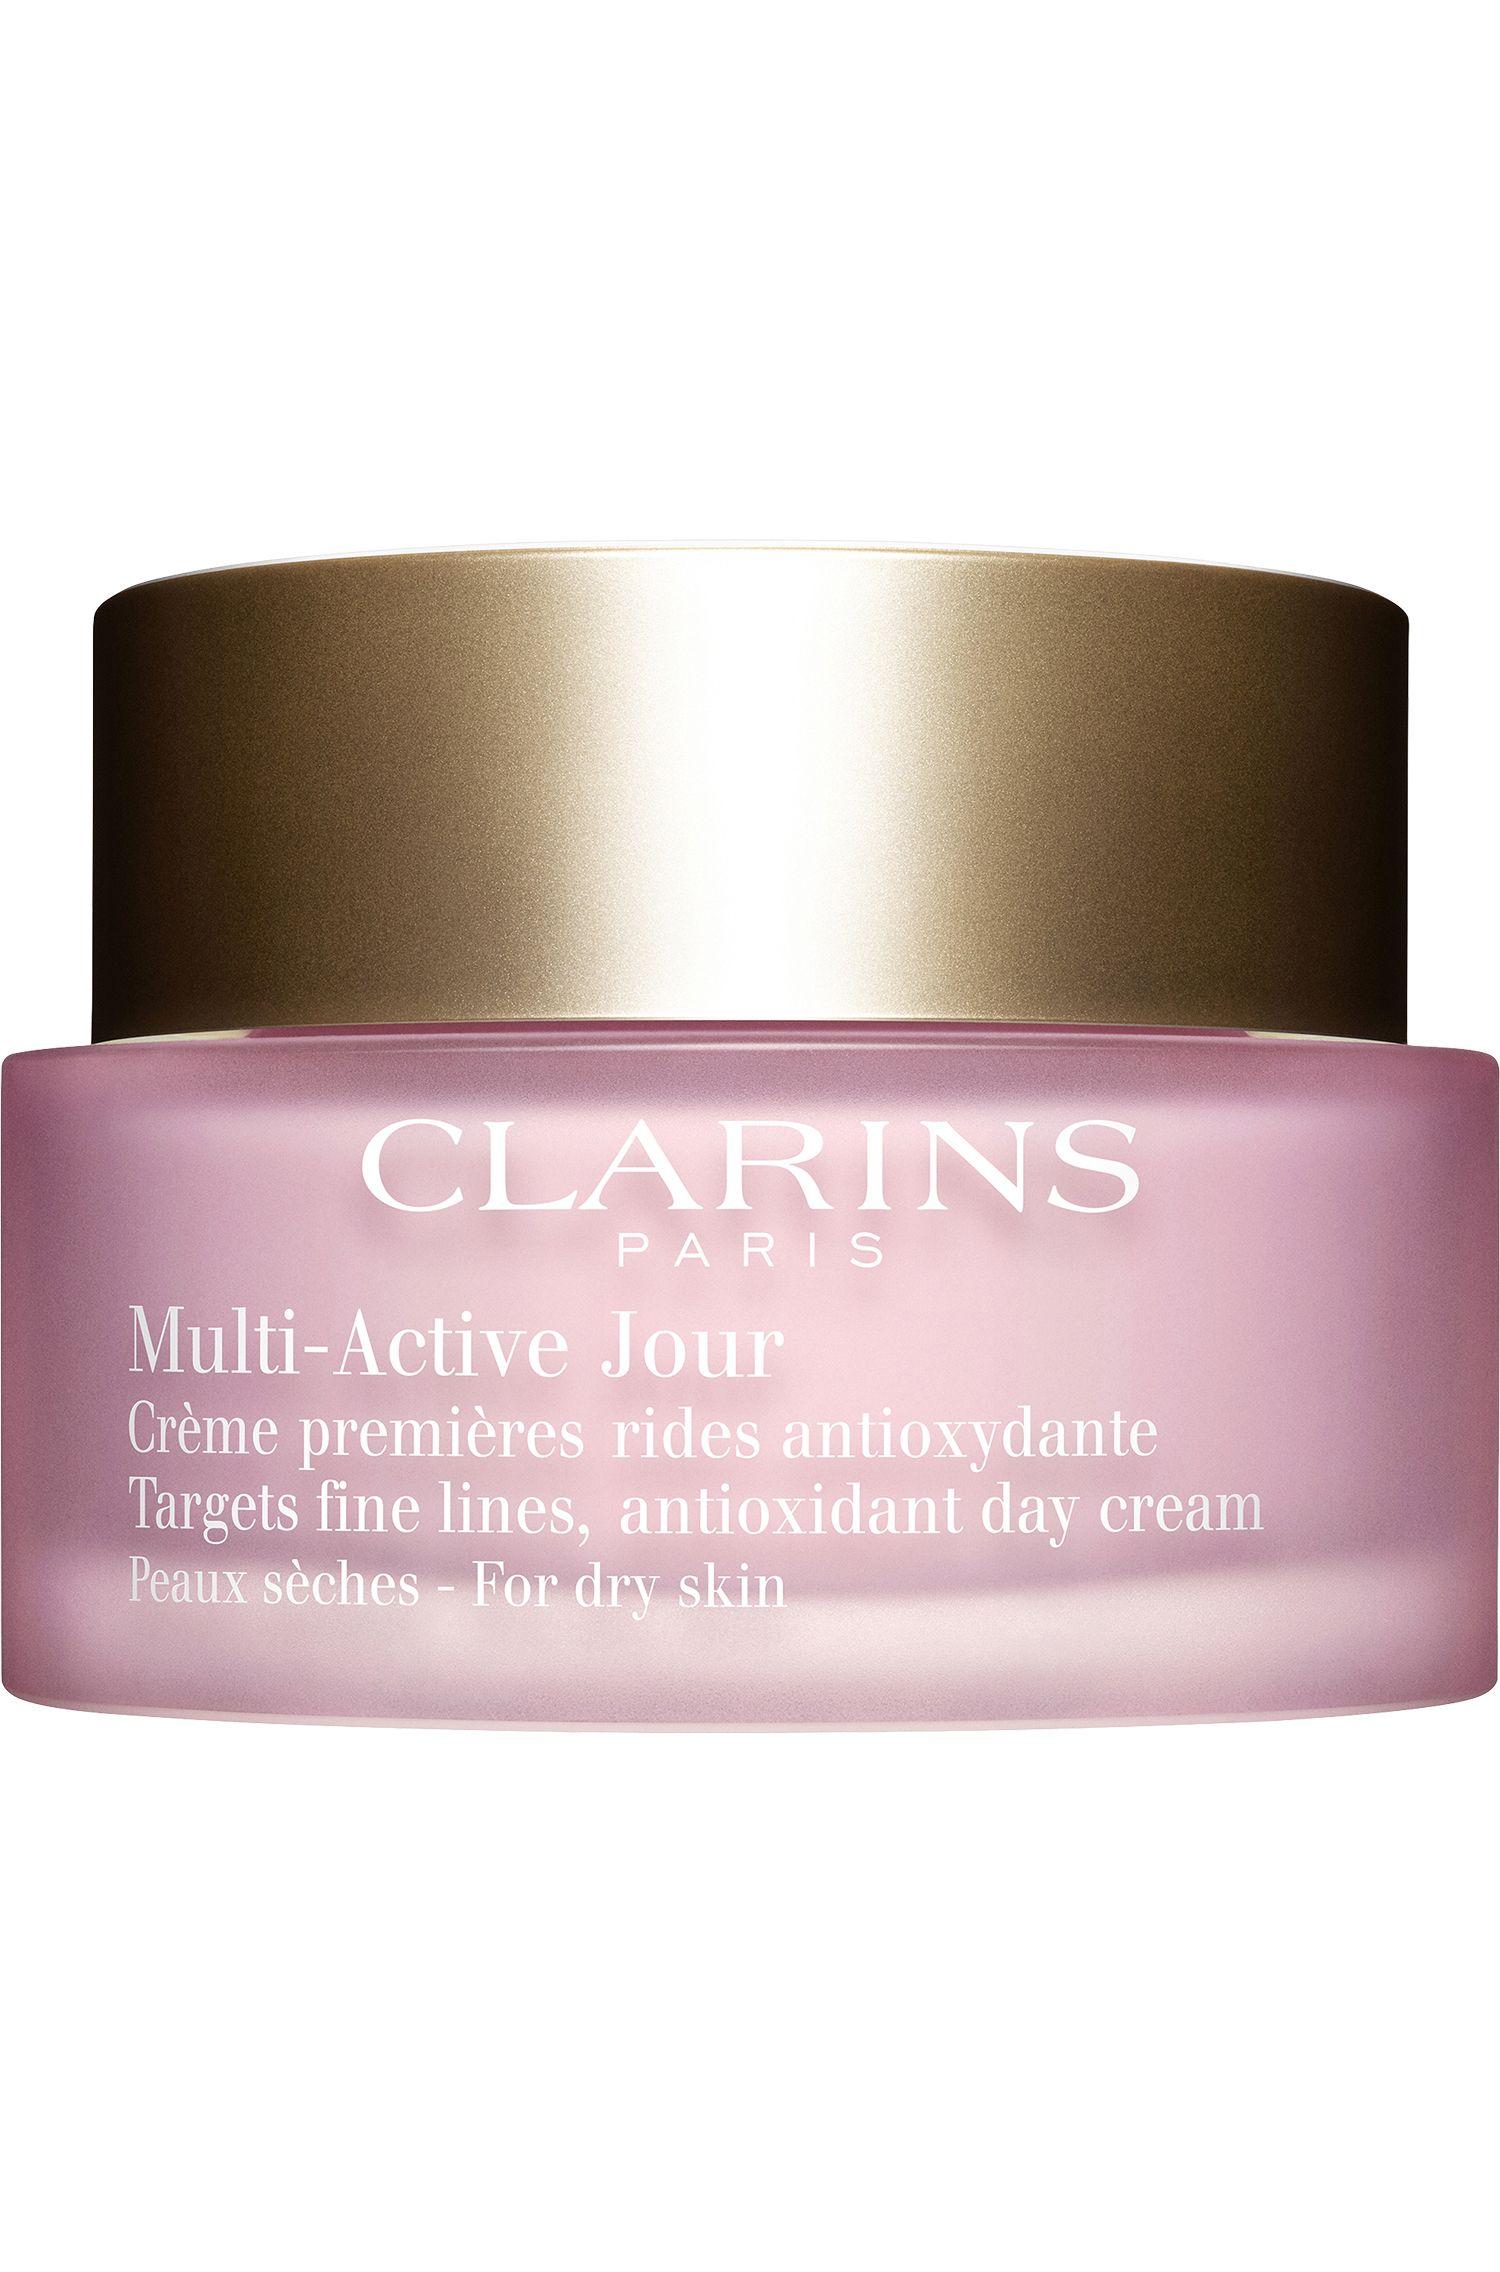 Blissim : Clarins - Crème jour première rides anti-oxydante Multi-Active - Peaux Sèches